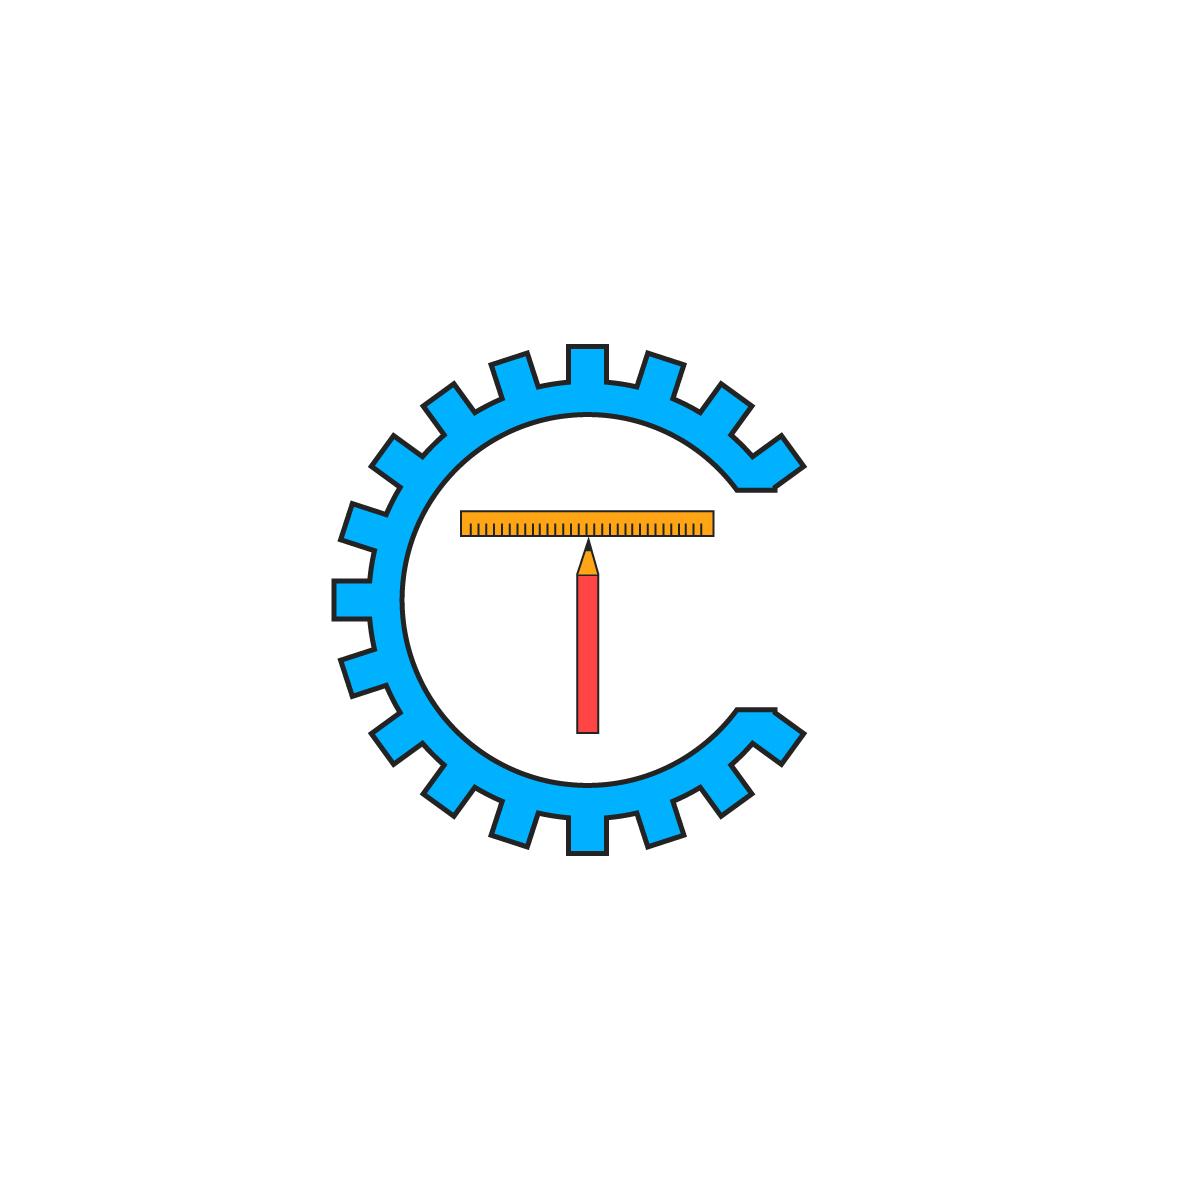 Разработка логотипа и фирм. стиля компании  ТЕХСНАБ фото f_4765b1fe1d2d5083.jpg